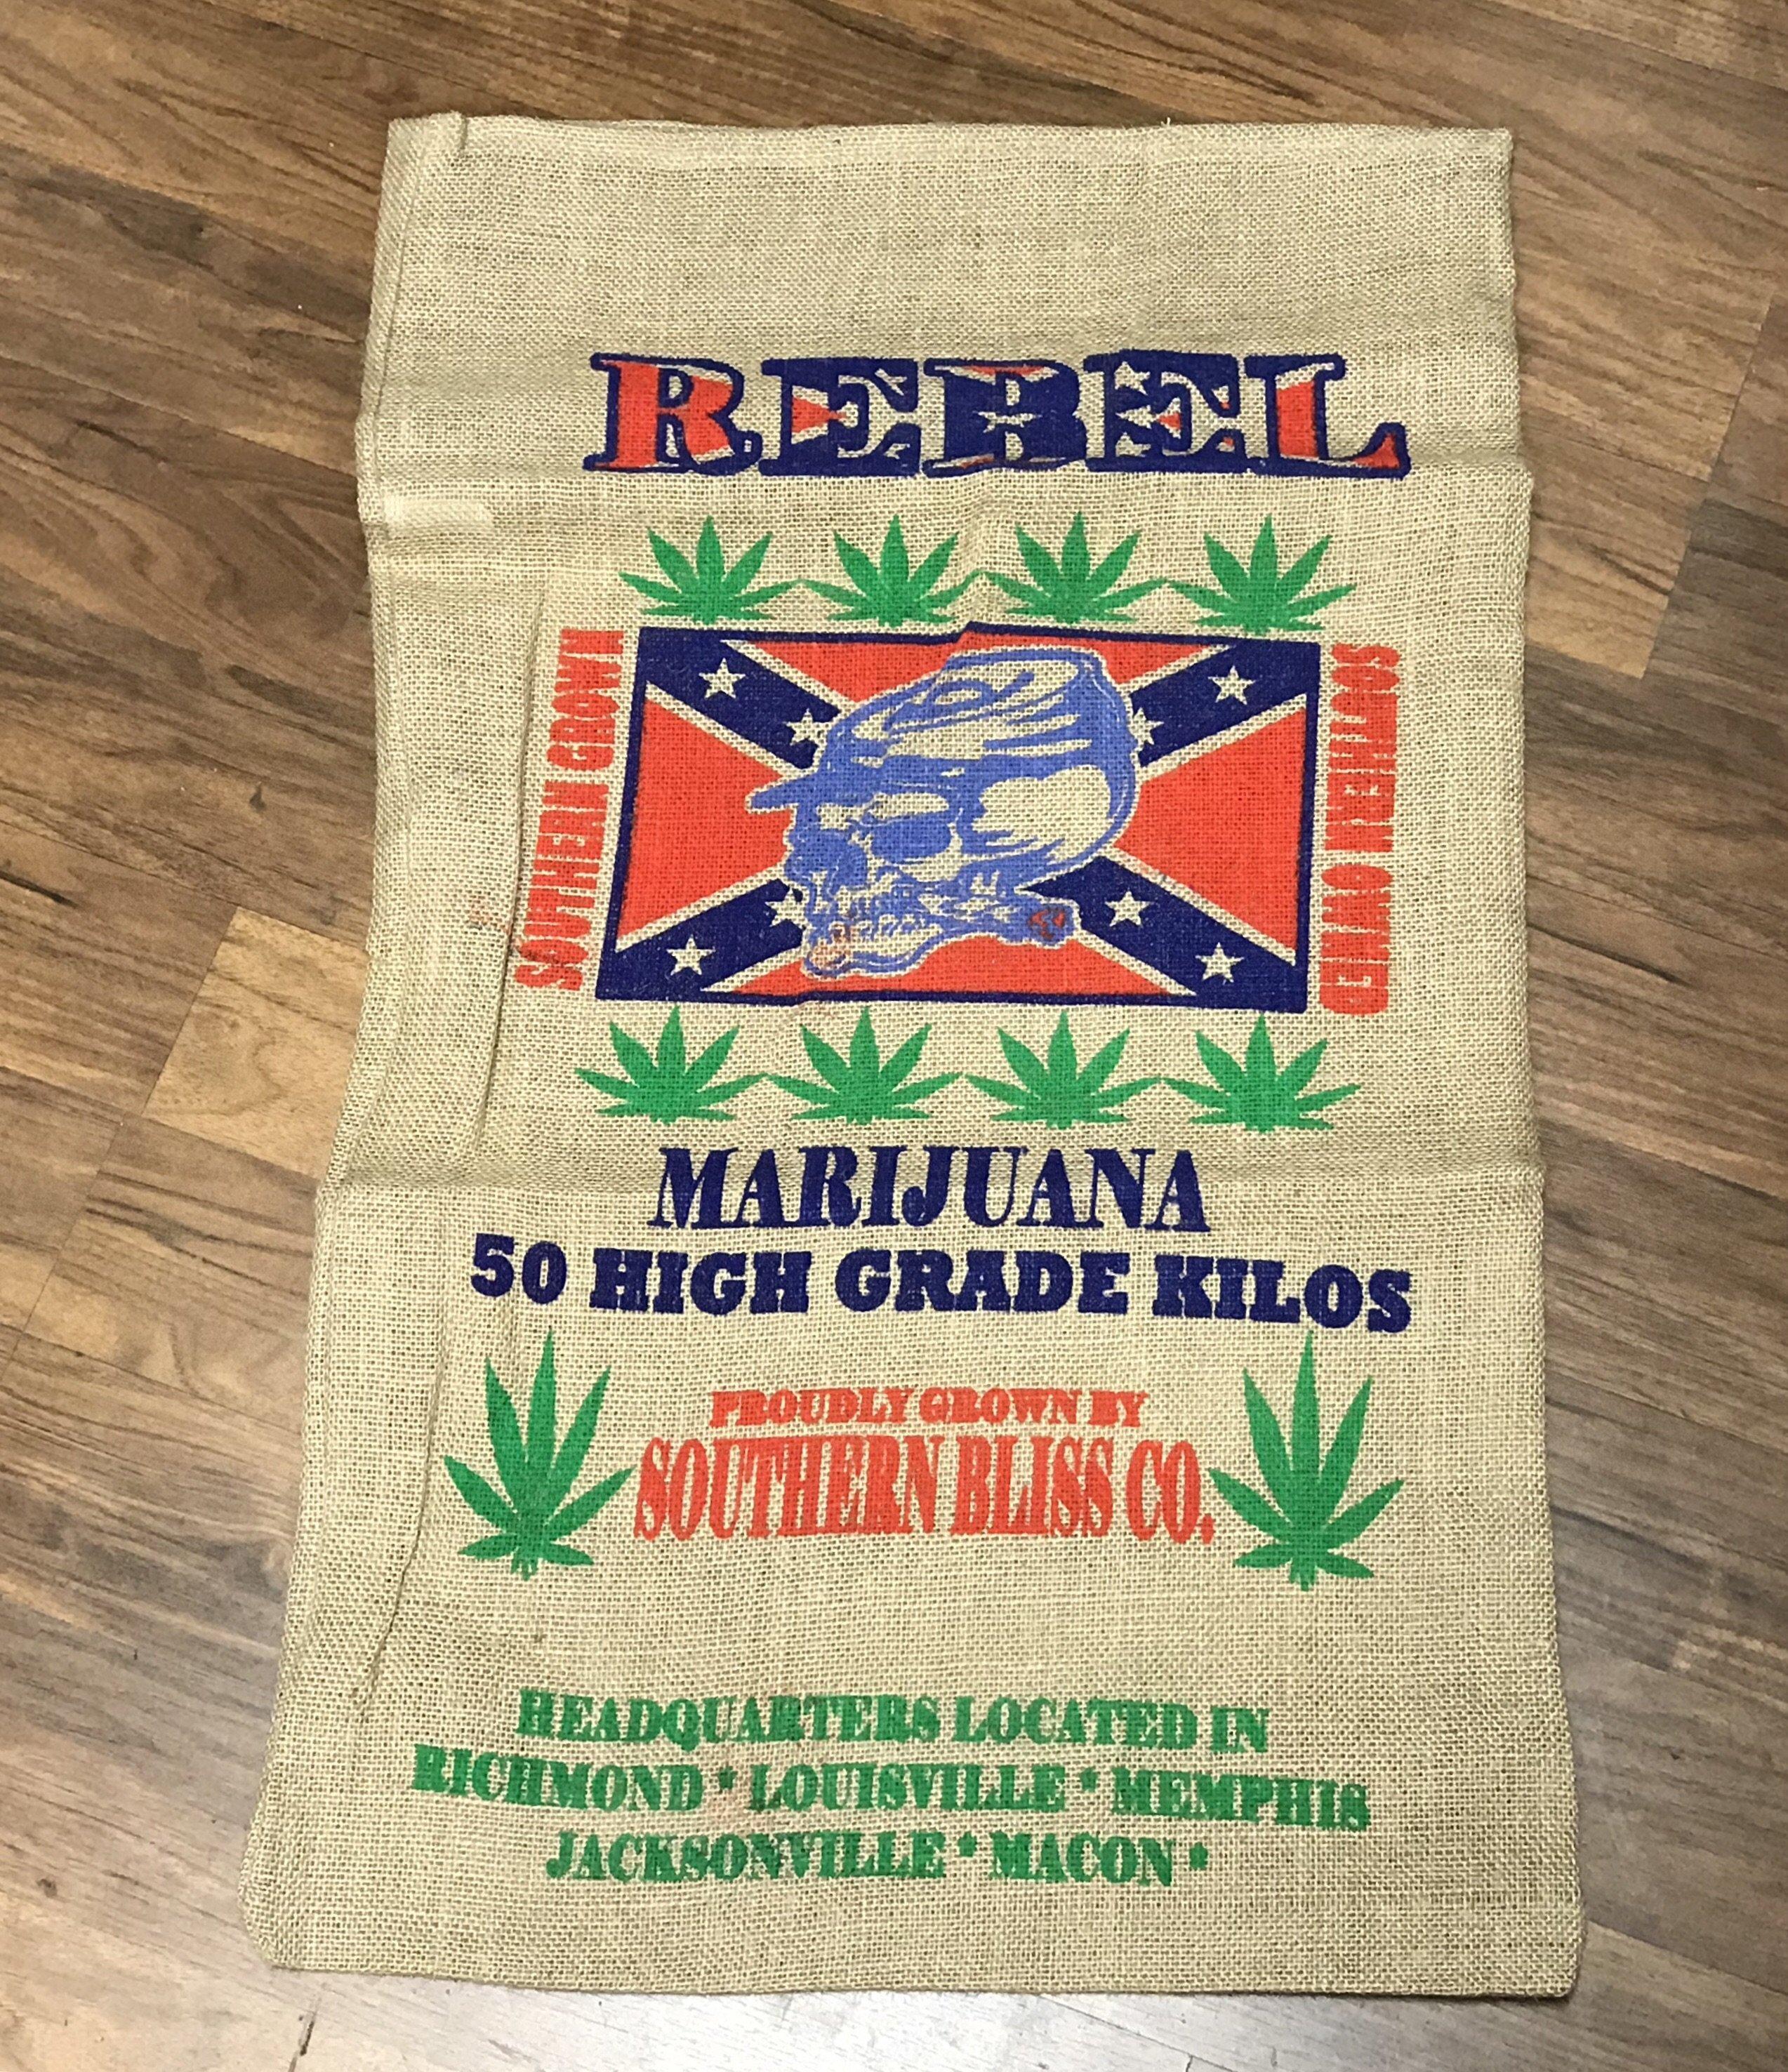 Rebel Flag Potato Sack